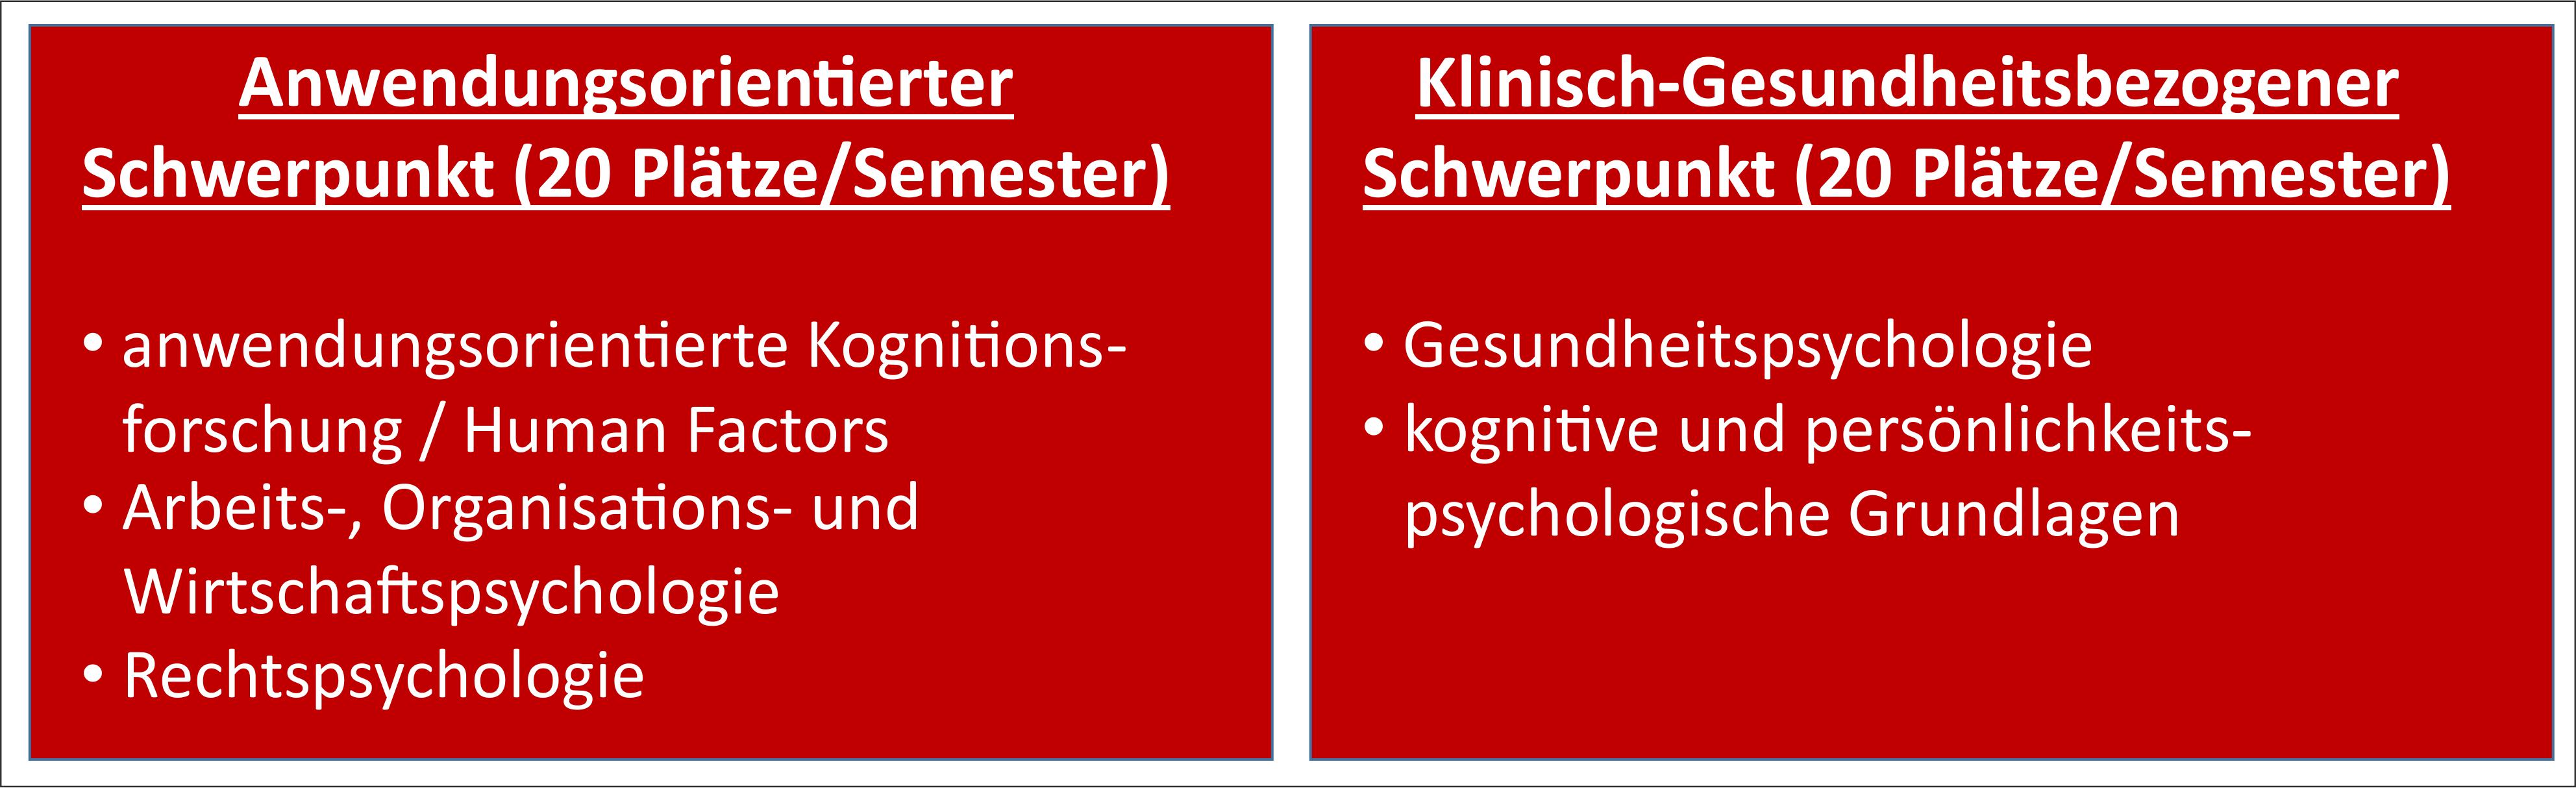 Den Absolventinnen und Absolventen des Studienganges wird ein Master of  Science (M. Sc.) in Psychologie verliehen. An der Johannes  Gutenberg-Universität ...